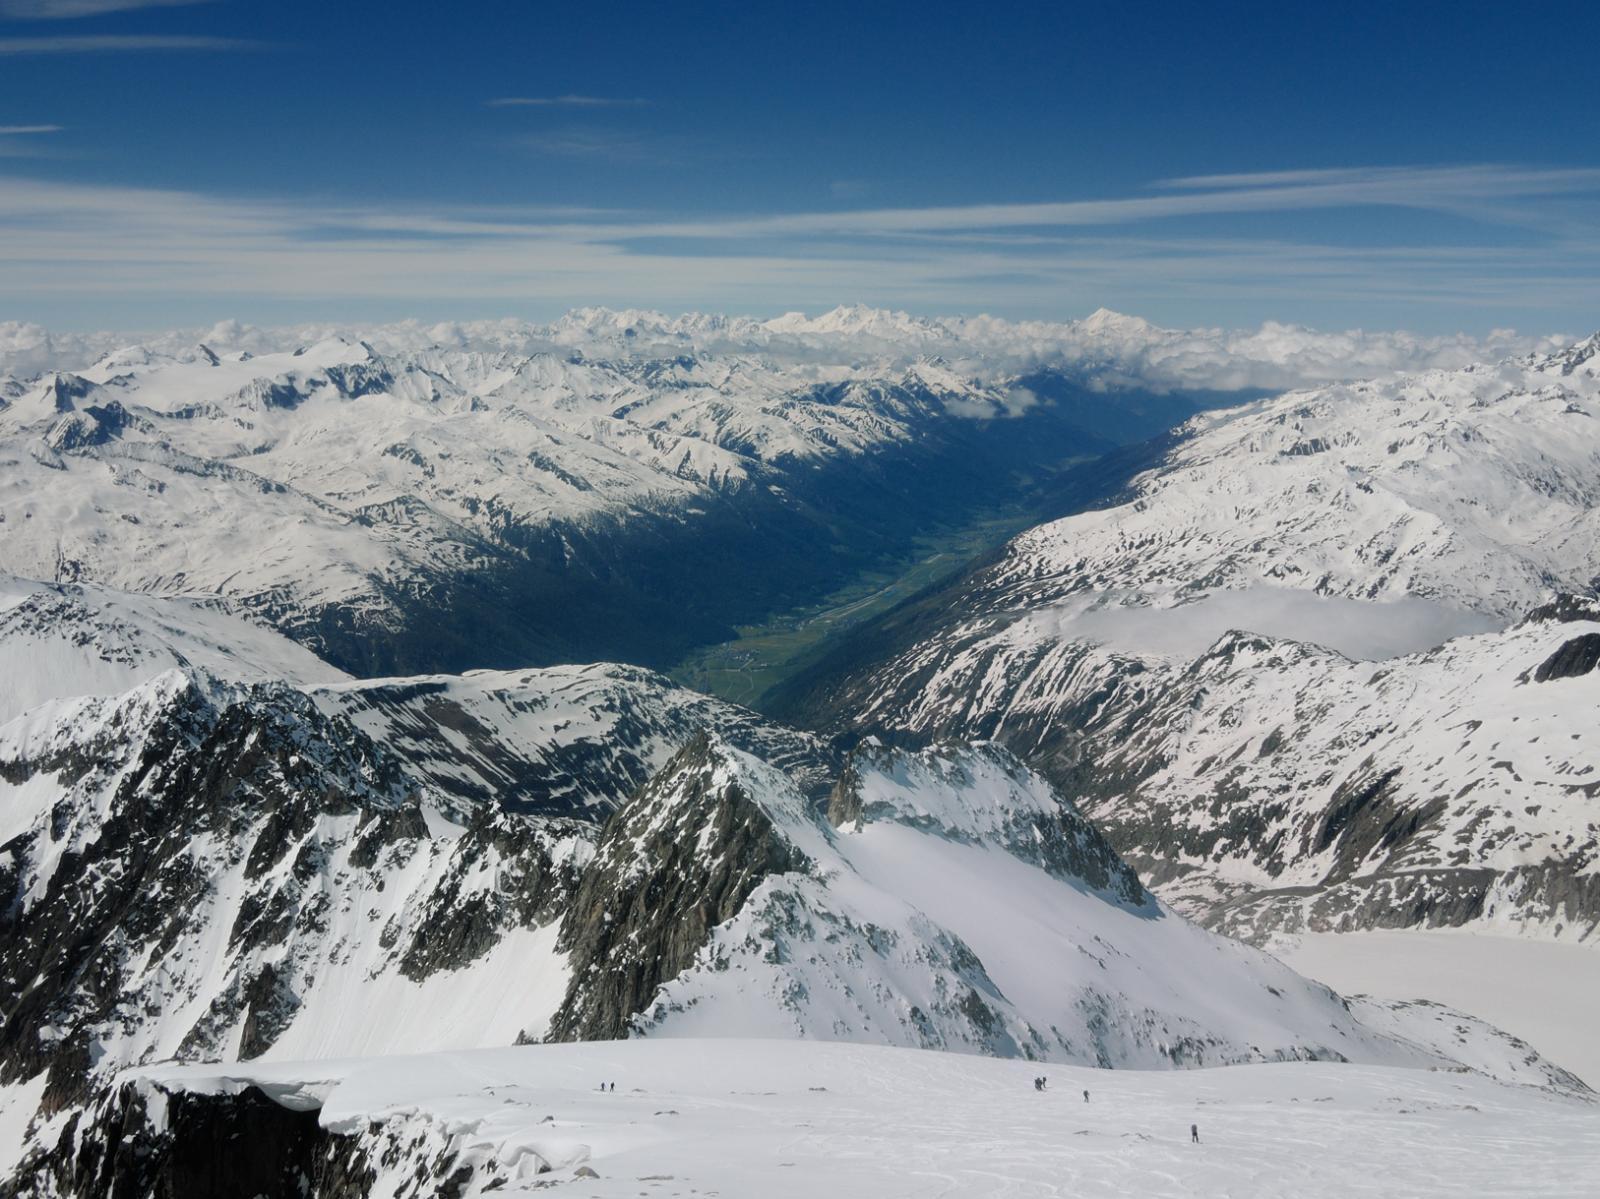 Vista sul Goms e sulle montagne del Vallese